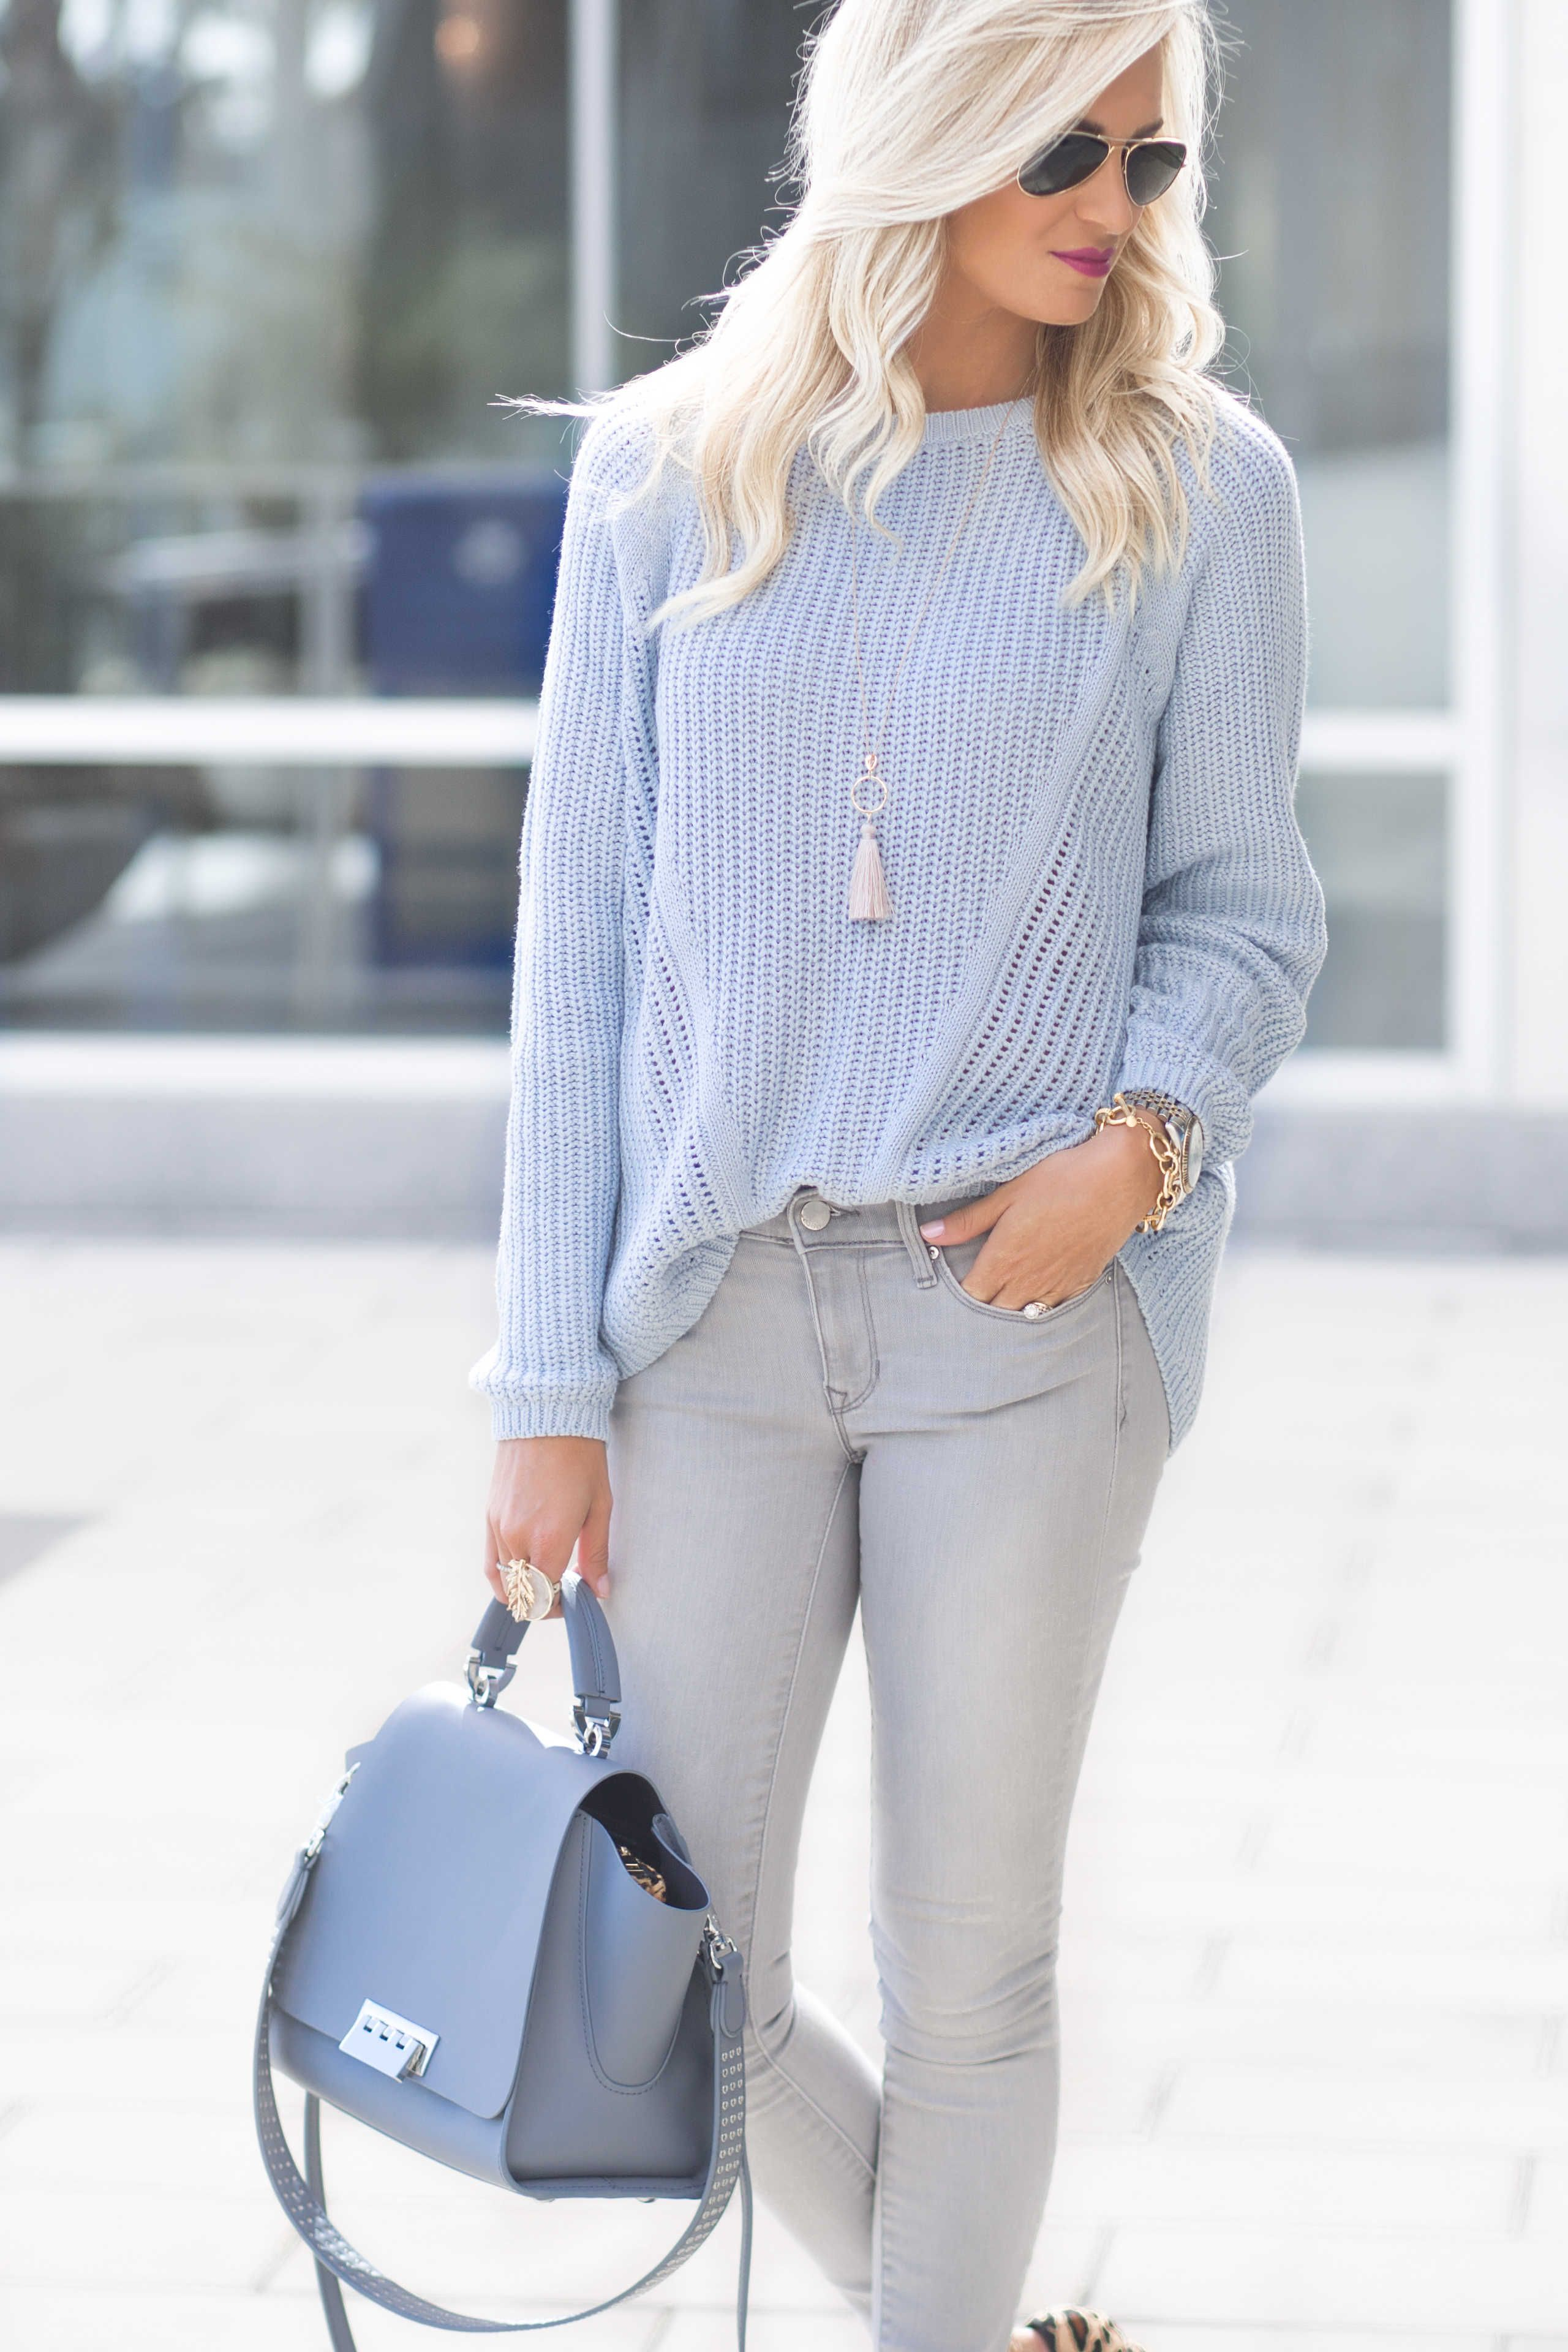 light blue sweater fashion women ideas , Google Search in